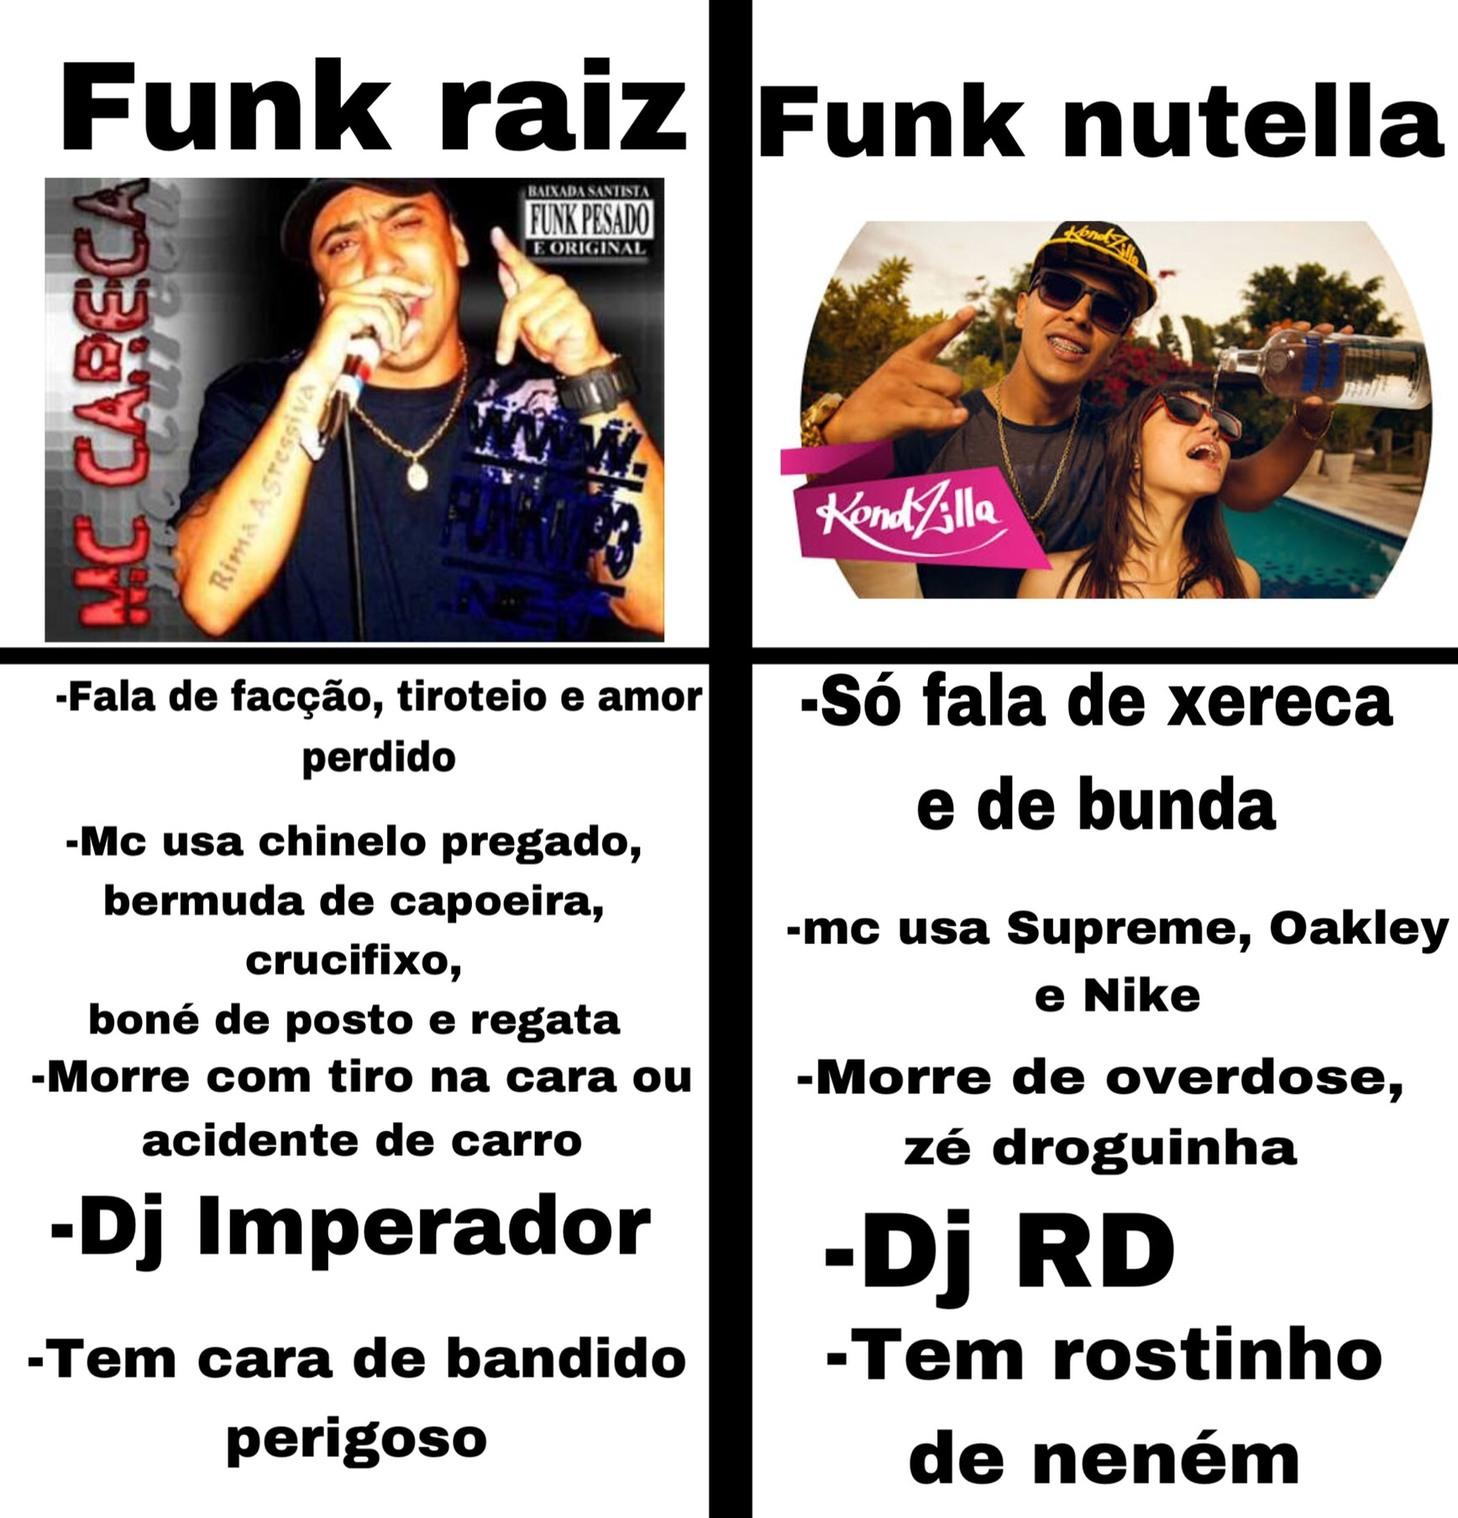 Eu nunca gostei de funk, mas antes sinalizava um lugar de alto risco - meme